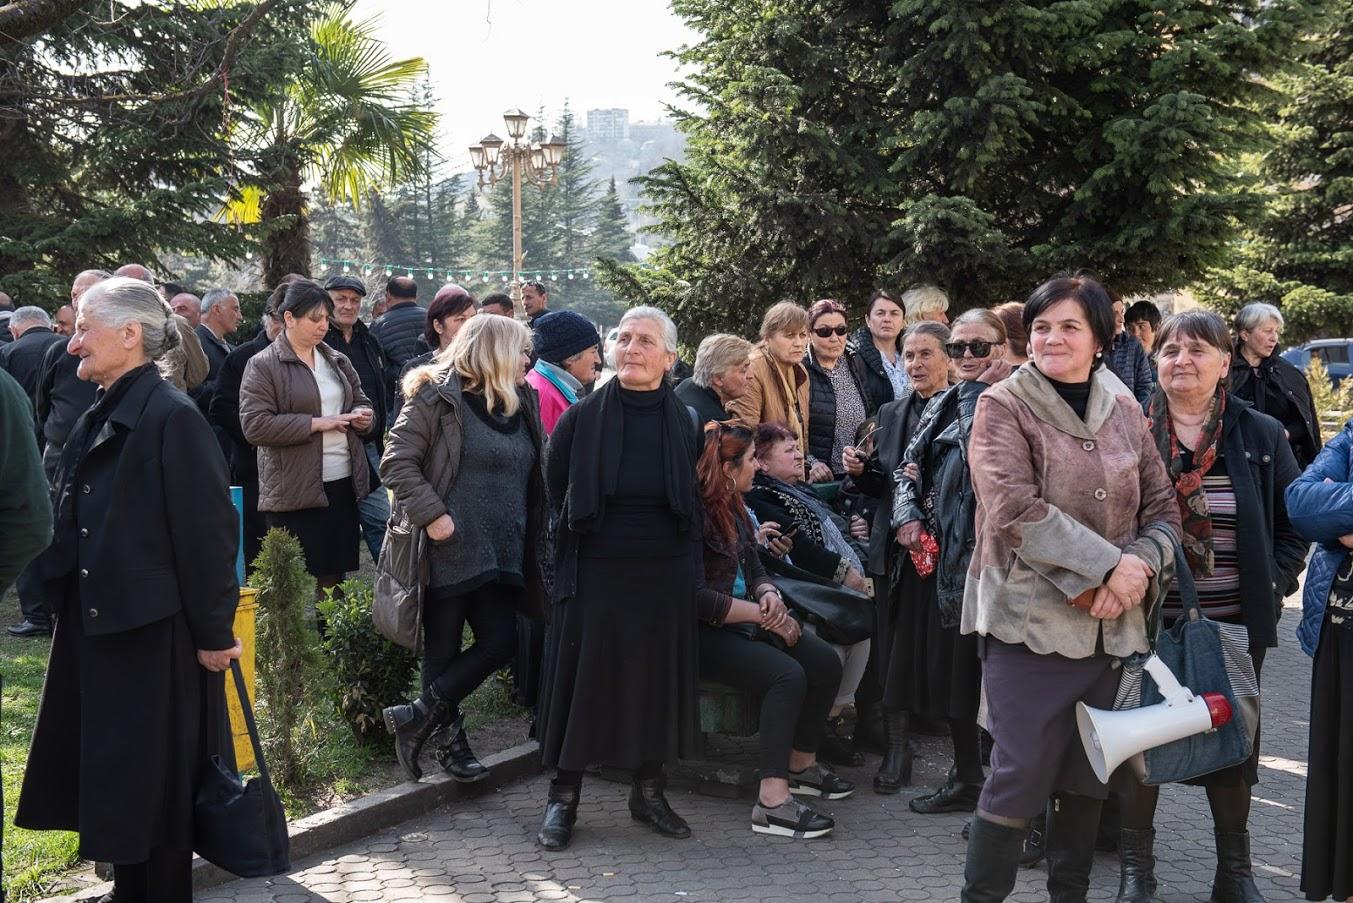 Жители Шукрути организовали несколько протестных акций напротив здания мэрии Чиатуры, но так и не получили от нее никакой реакции. Акция протеста 8 марта 2020 года. Фото: Мариам Никурадзе/OC Media